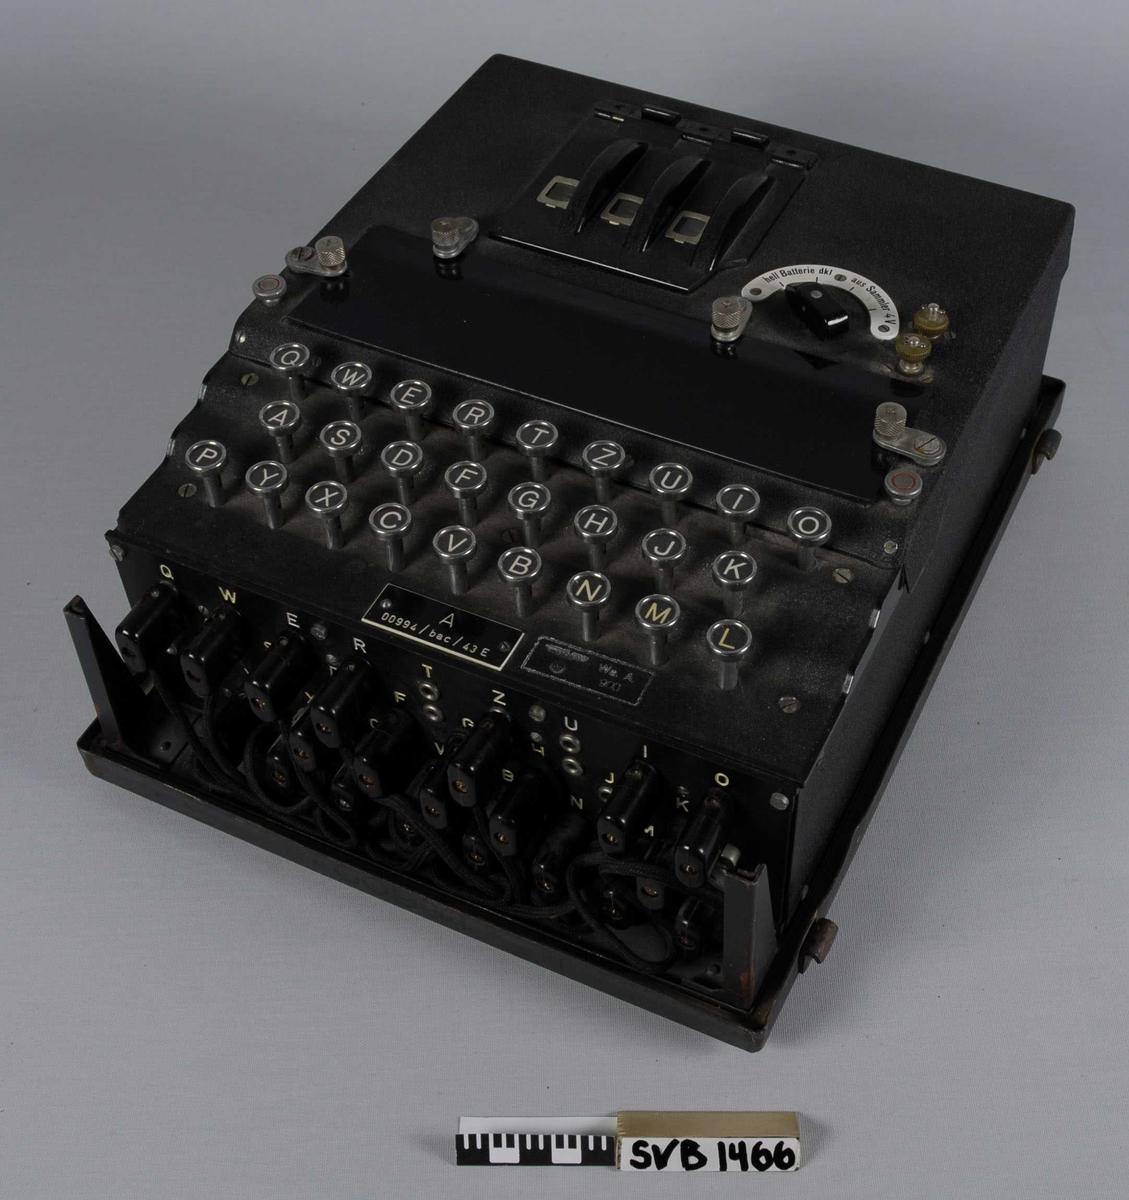 Tysk chiffreringsapparat. Enigma. Lokket inneholder erstatningsdeler;  31 lyspærer og 2 kabler, samt en innrammet 'hurtigveiledning'.